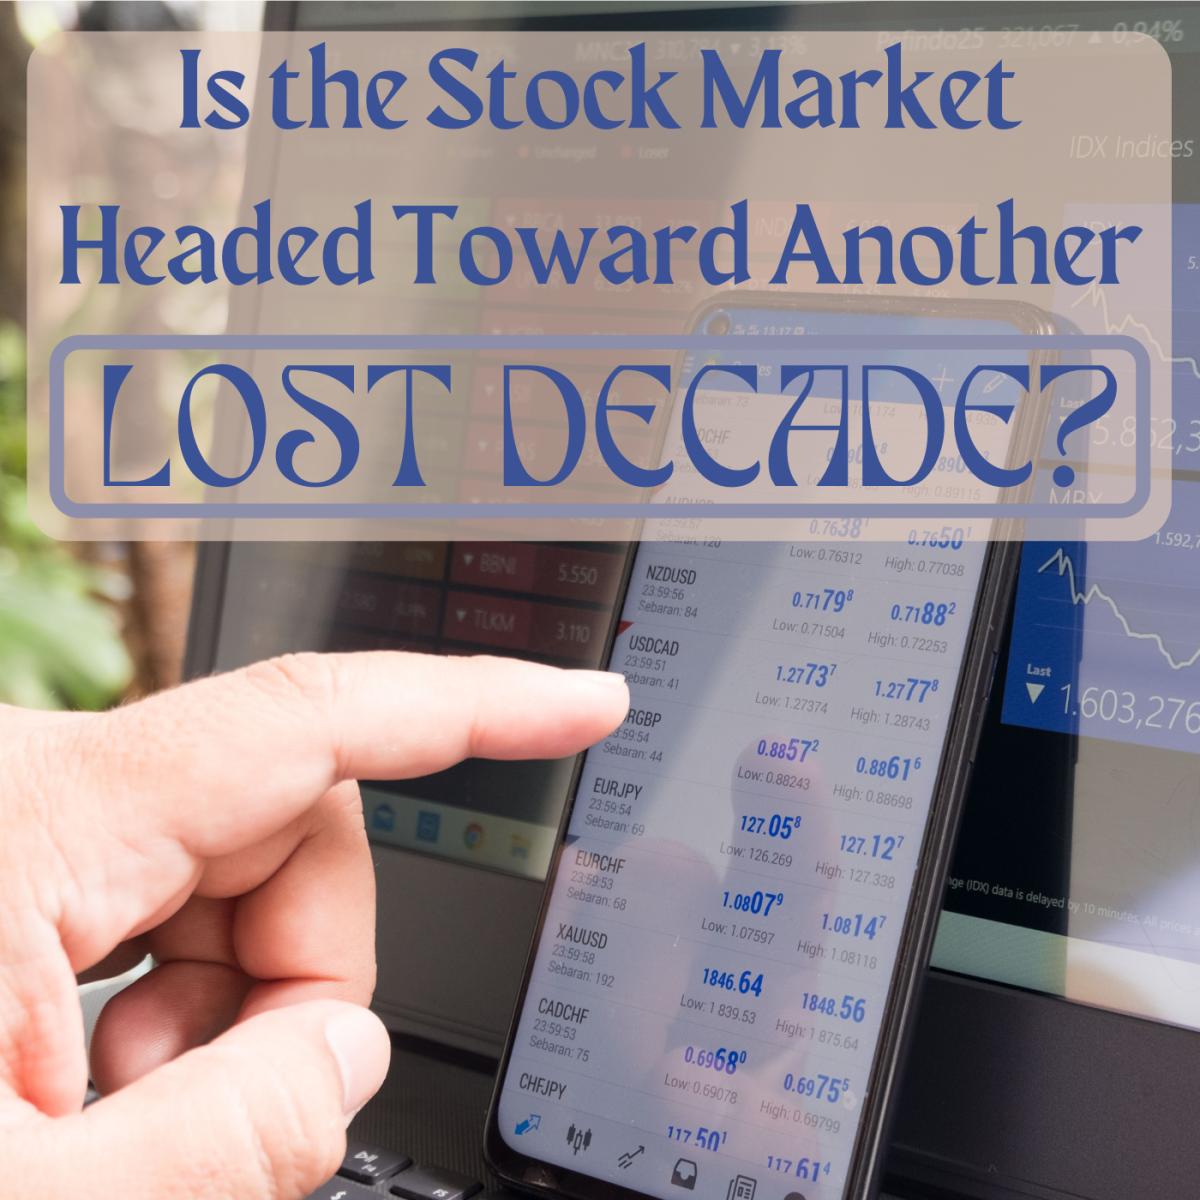 即使市场整体停滞不前,从个股中赚钱还是有办法的。